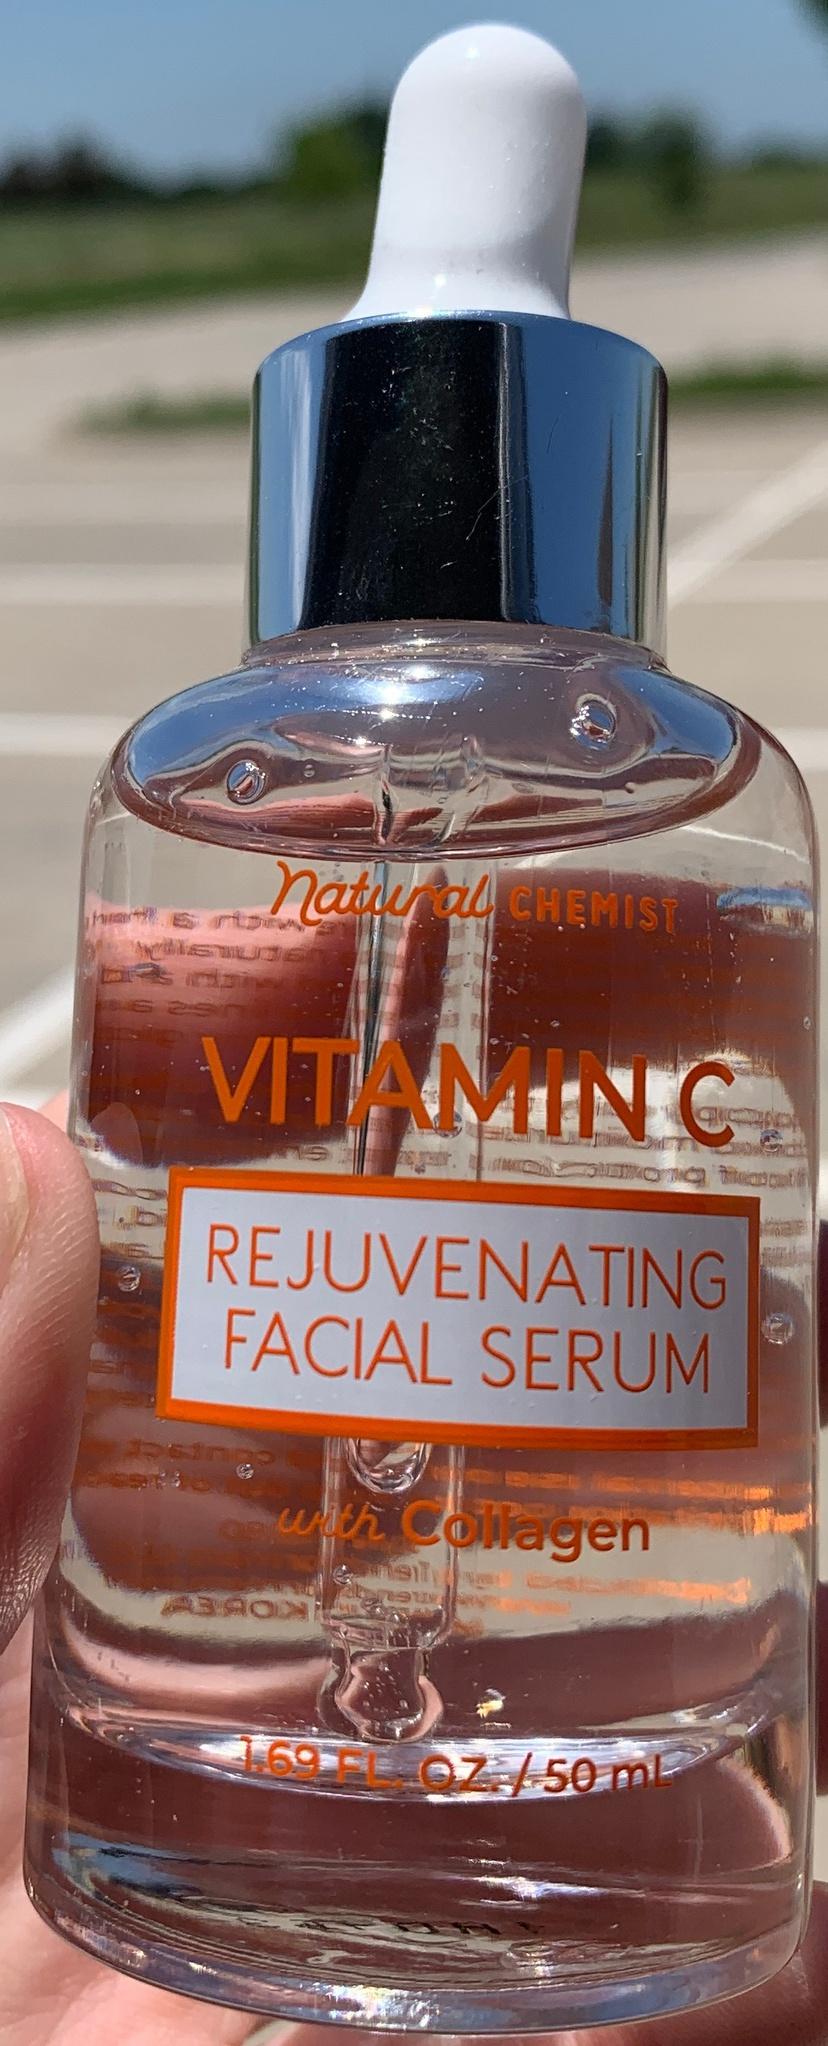 Natural Chemist Vitamin C Rejuvenating Facial Serum With Collagen